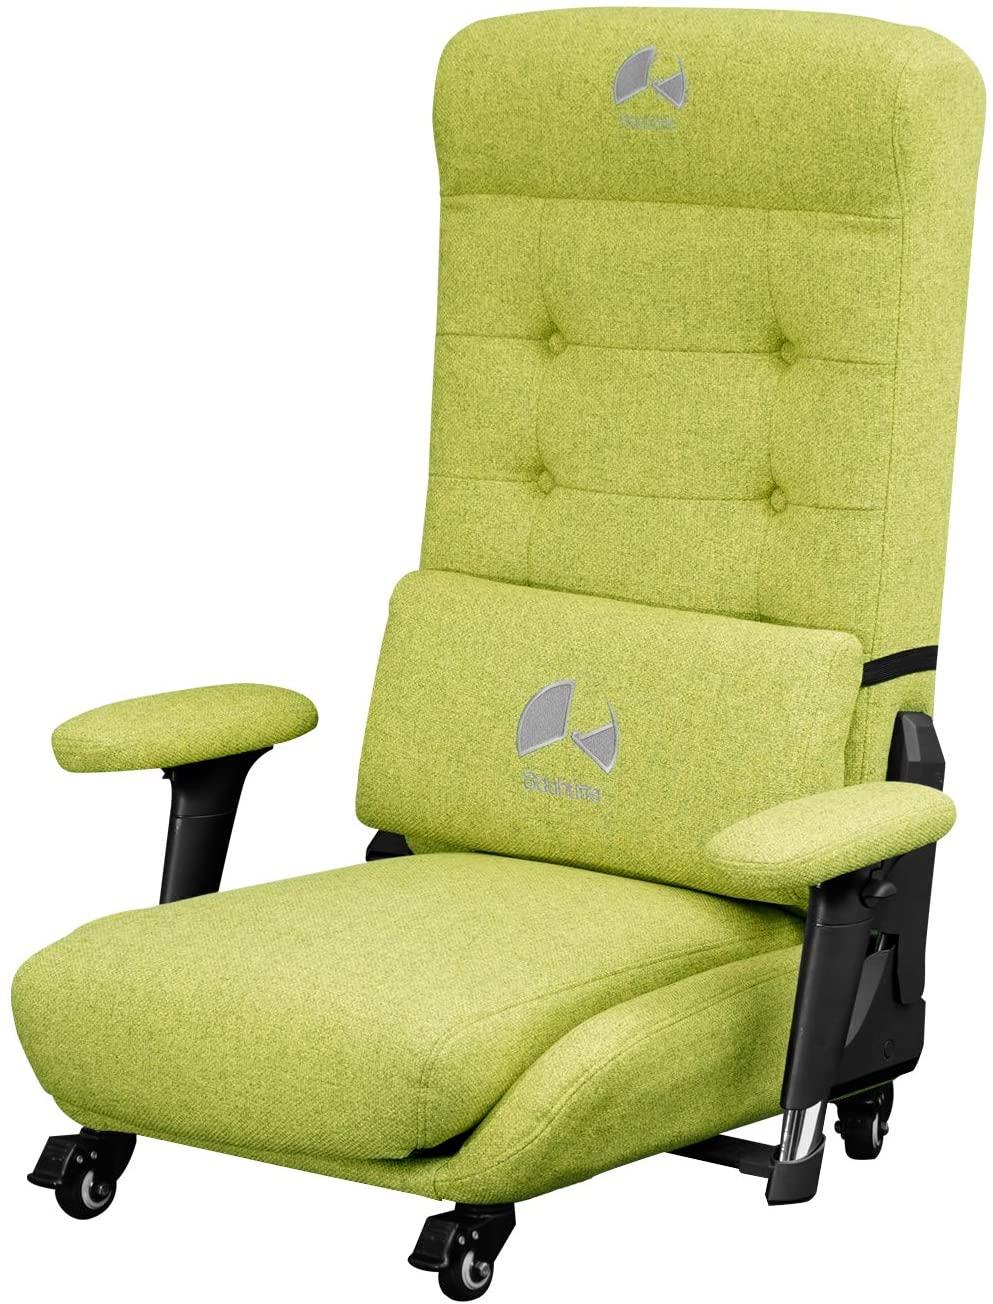 ゲーミング座椅子のおすすめ12選!バケットシートやソファタイプも